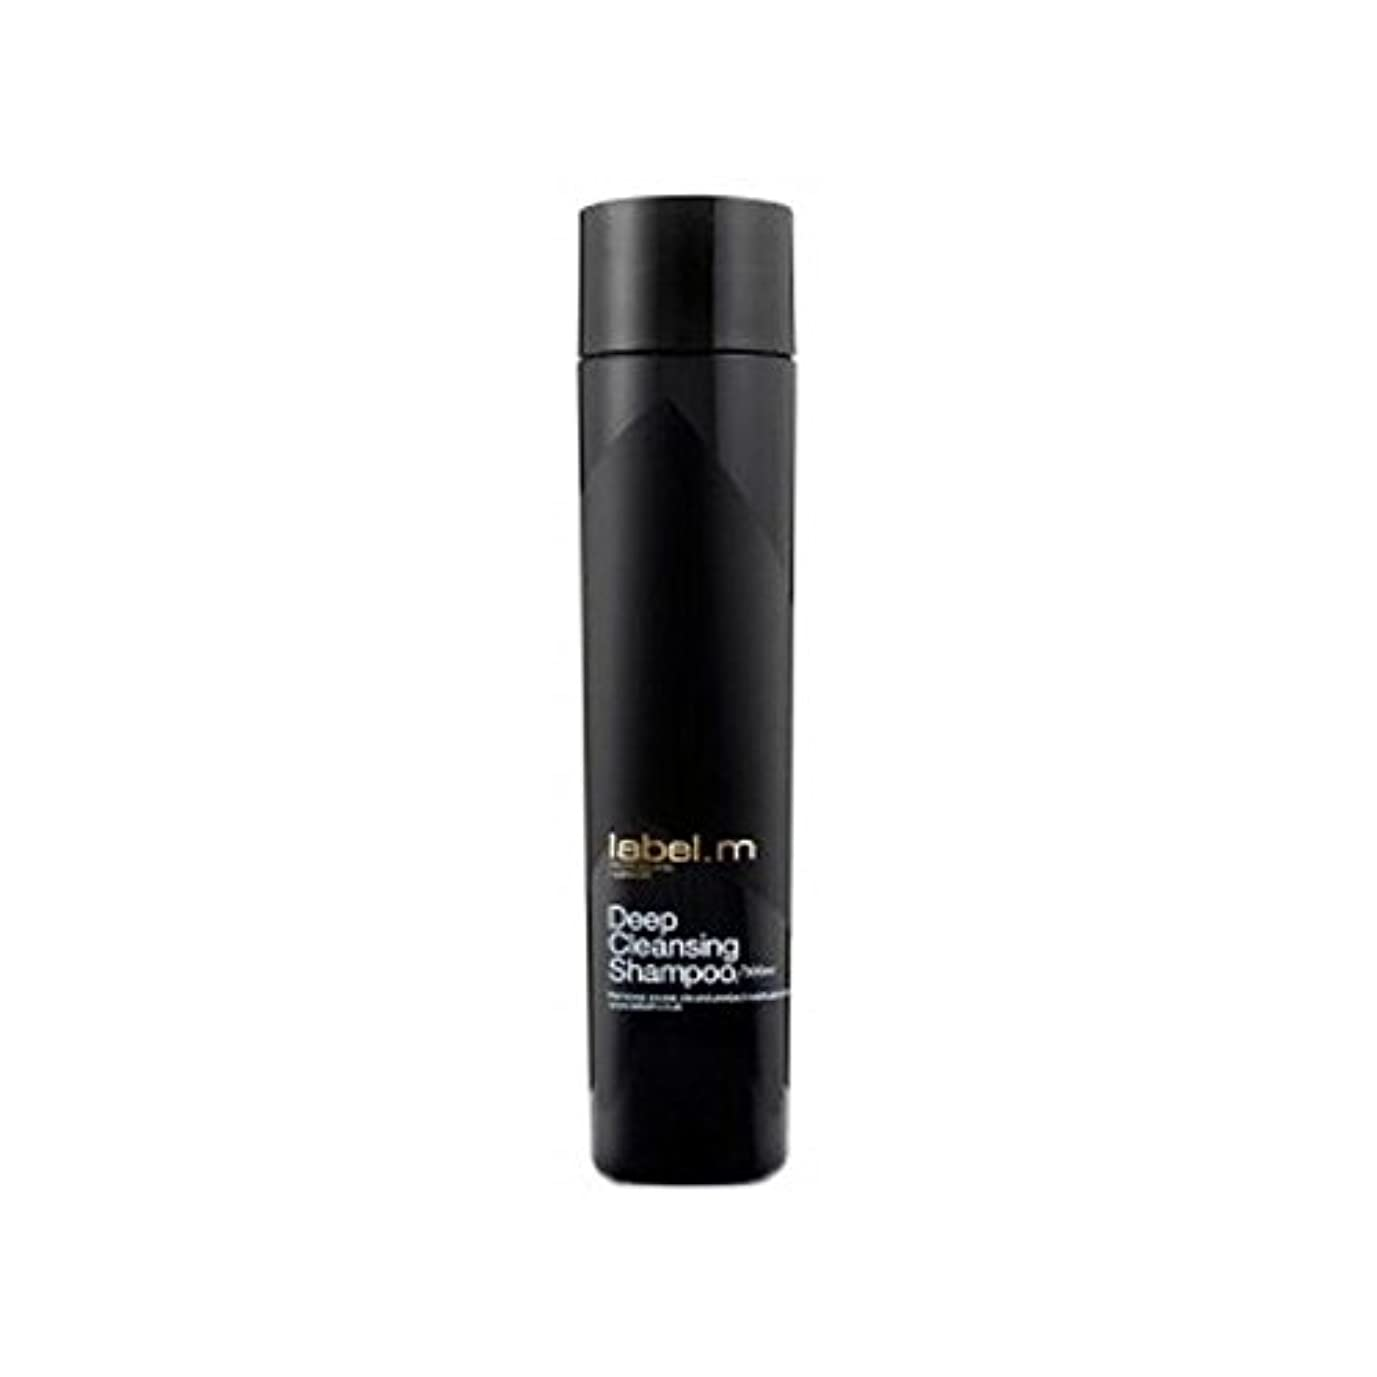 鬼ごっこオフェンス取るに足らない.ディープクレンジングシャンプー(300ミリリットル) x4 - Label.M Deep Cleansing Shampoo (300ml) (Pack of 4) [並行輸入品]